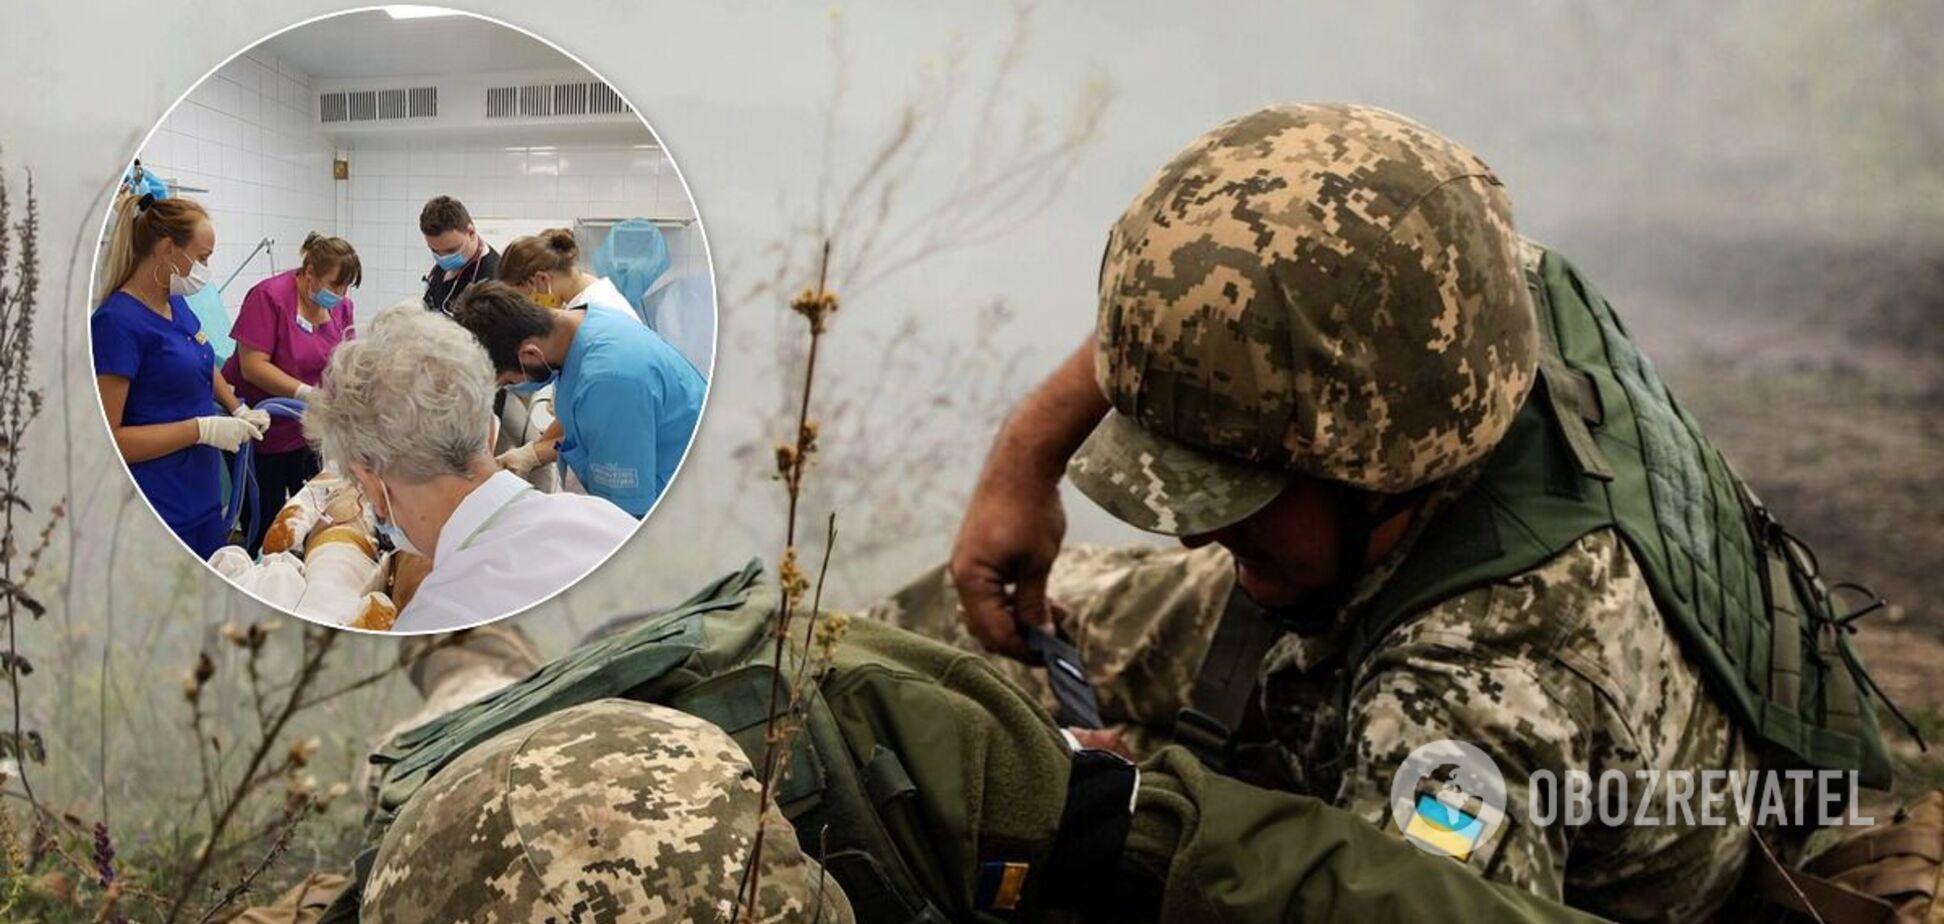 У Дніпрі рятують бійця ОС, який підірвався на міні: з'явилося тривожне фото